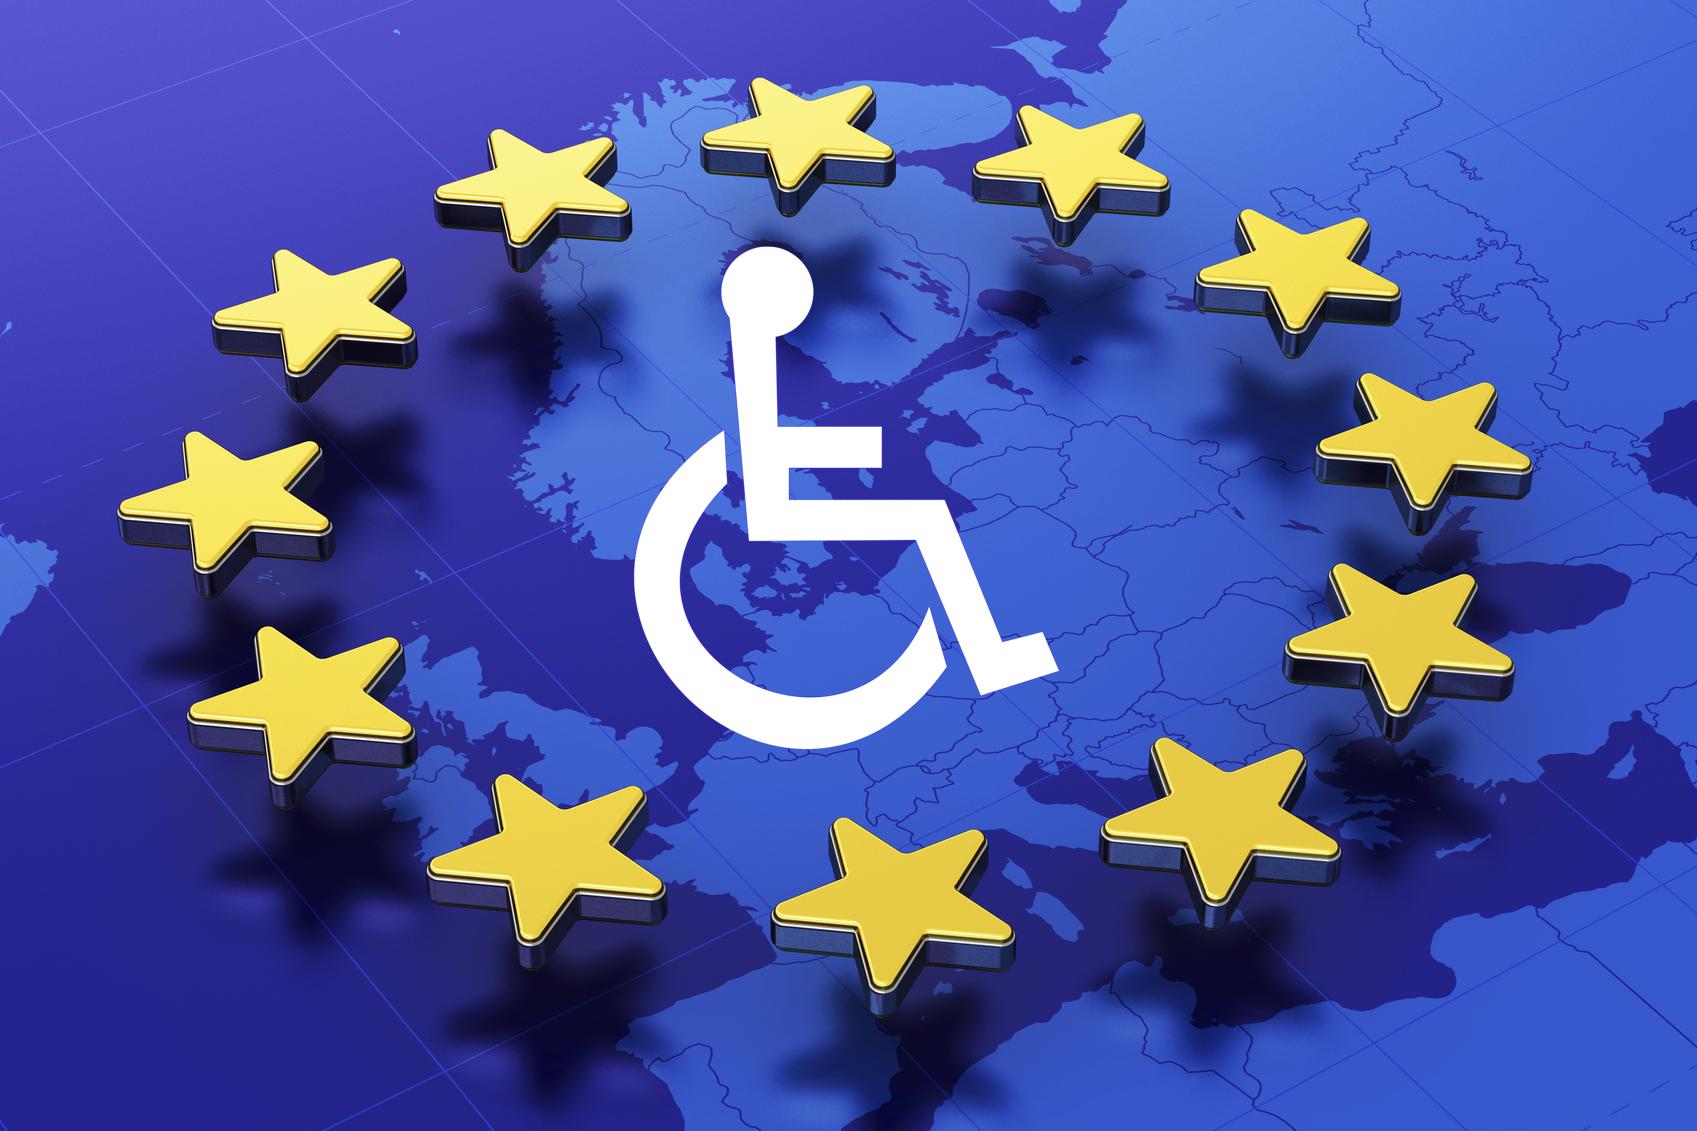 Accessibilità web inclusiva per le persone con disabilità cognitive